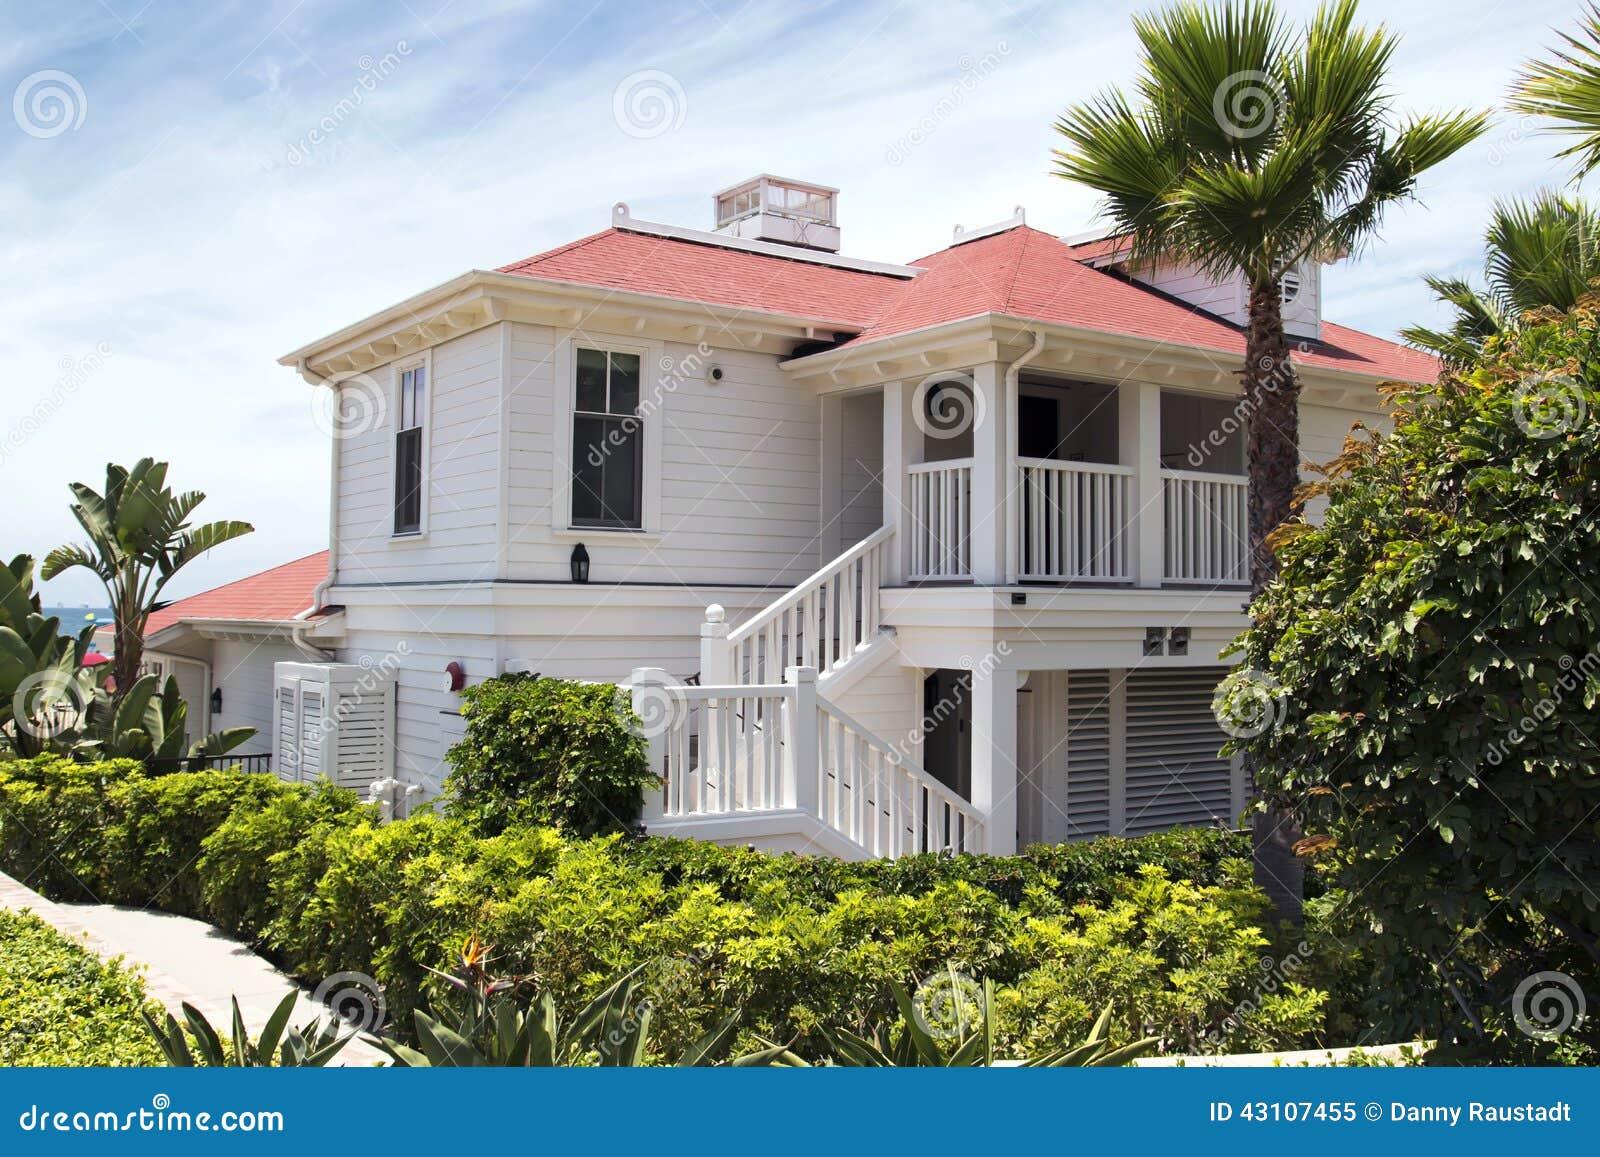 maison am ricaine moderne de plage image stock image du architectural am rique 43107455. Black Bedroom Furniture Sets. Home Design Ideas